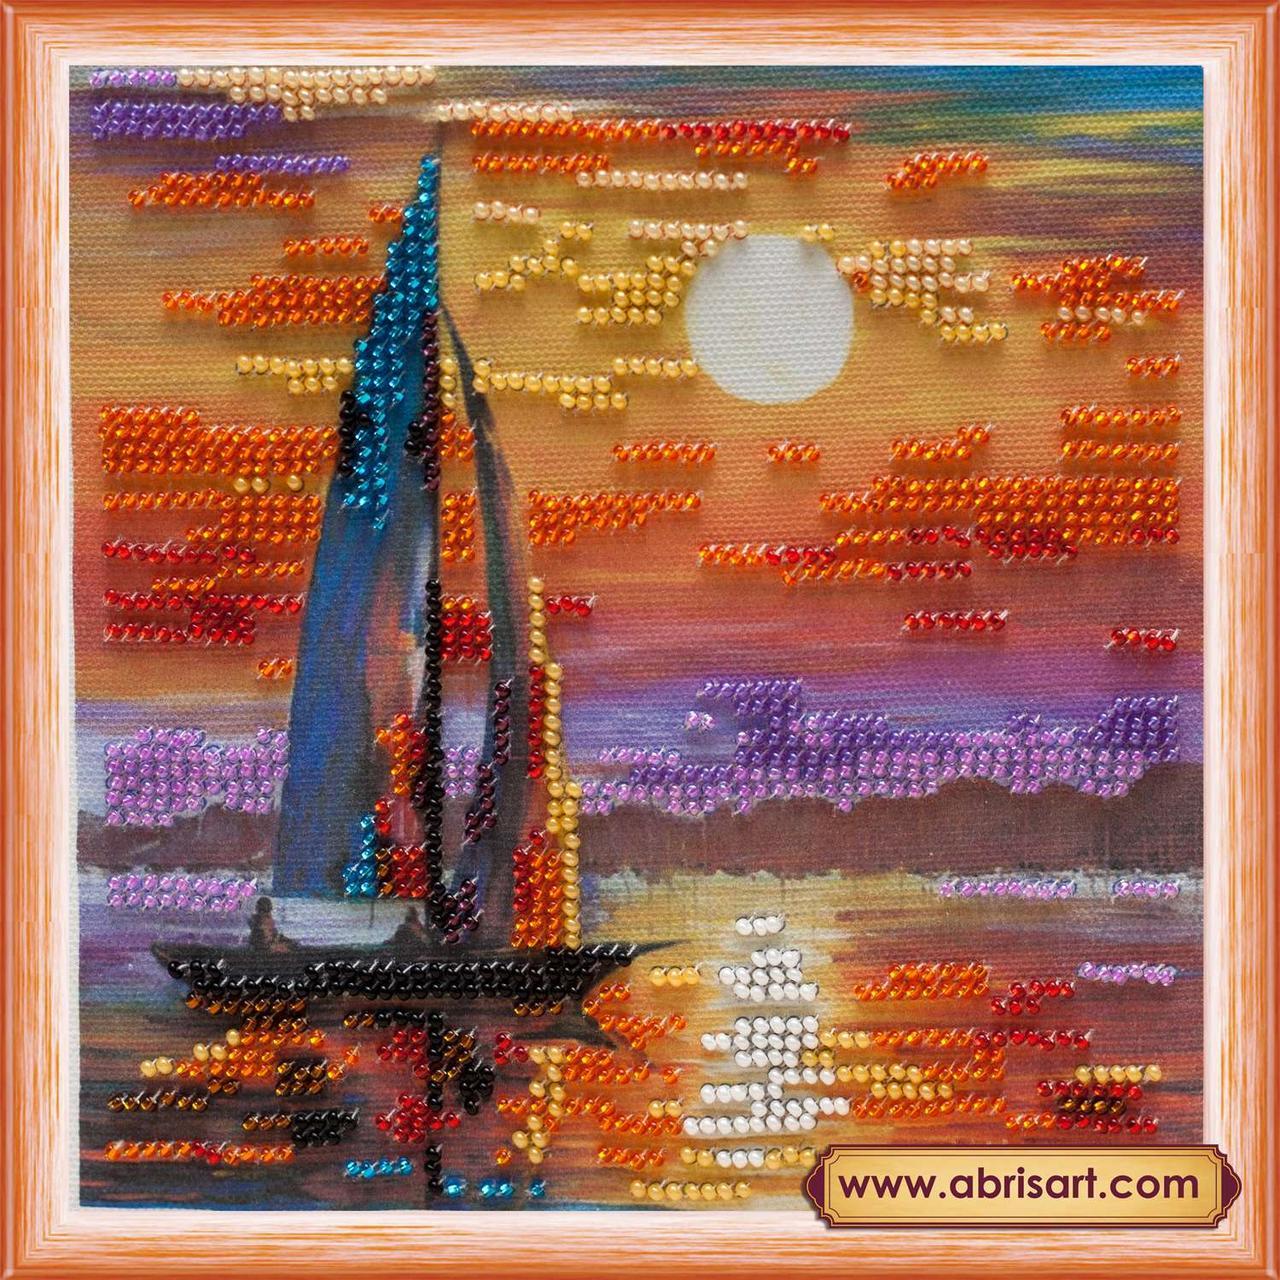 Набор для вышивки бисером ТМ АБрис Арт на натуральном художественном холсте Штиль